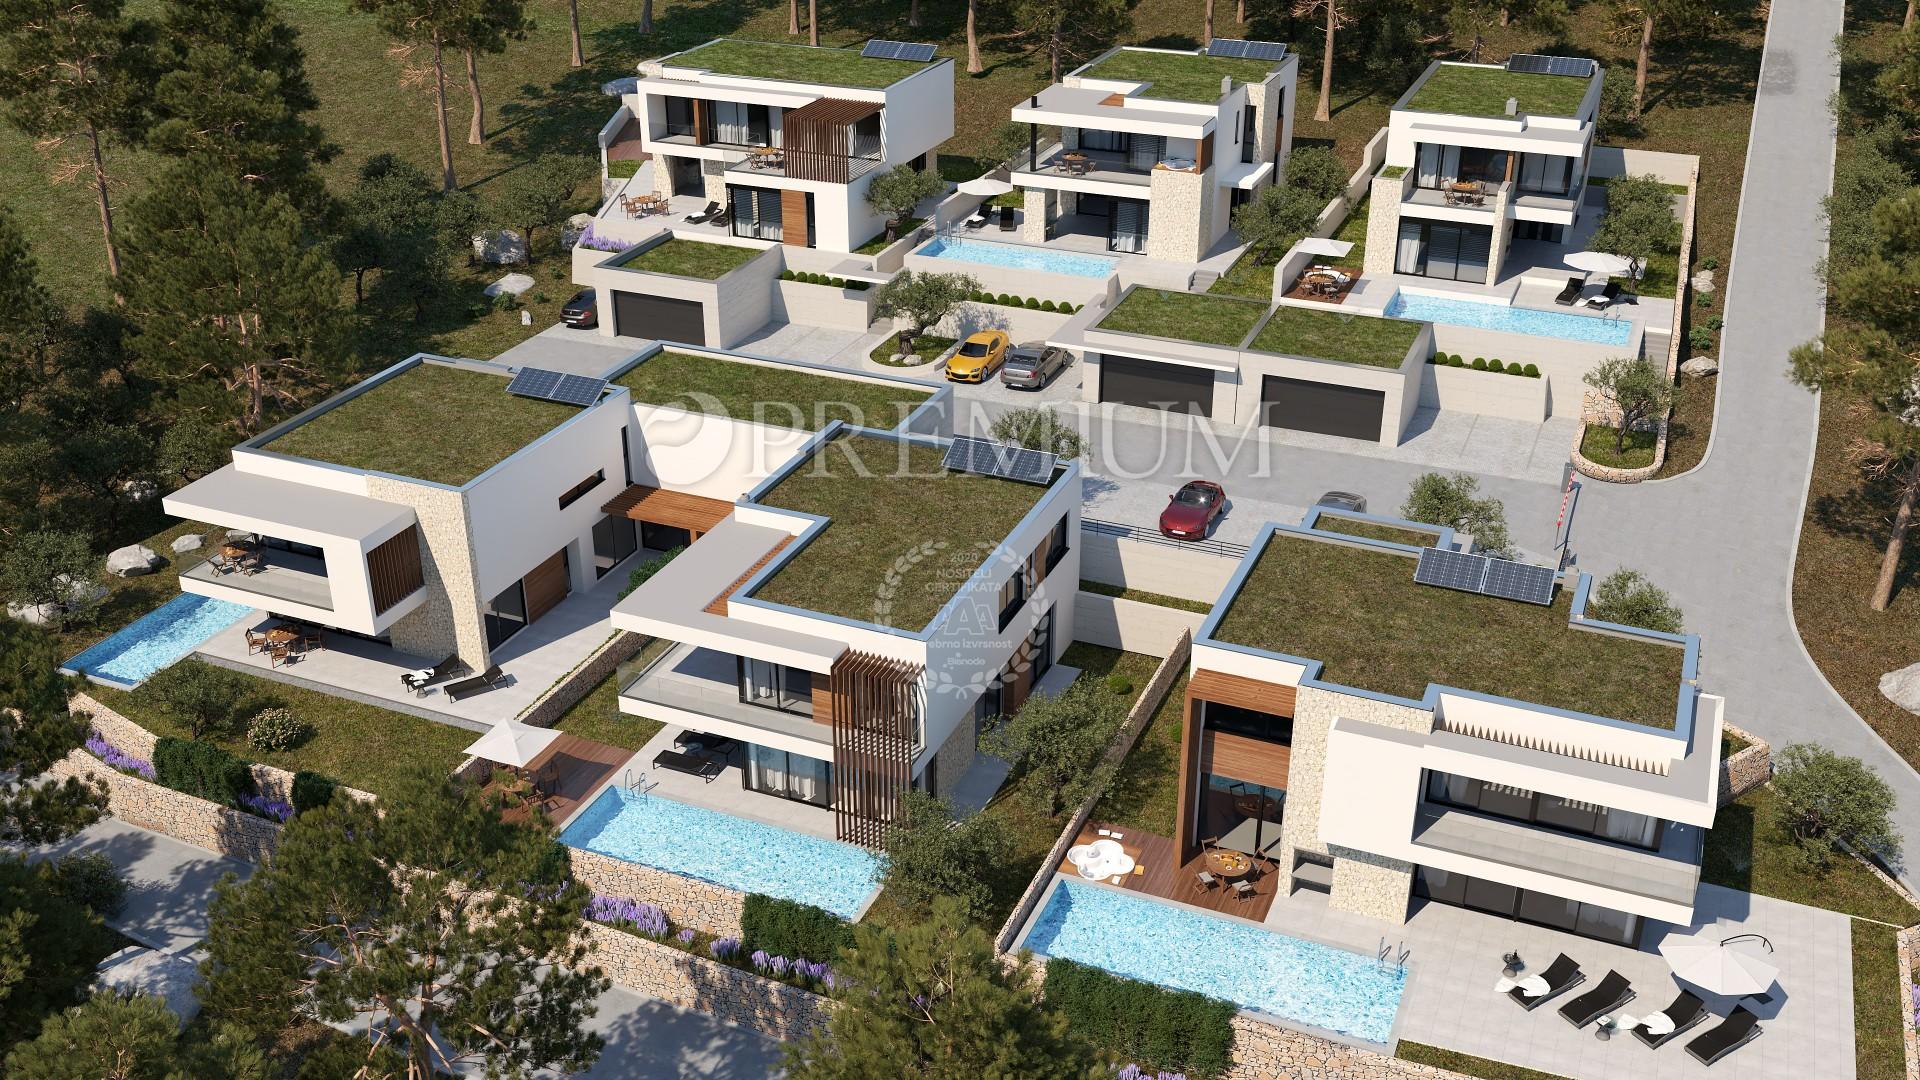 Okolica Crikvenice, luksuzna vila z bazenom na prodaj, med domačimi rastlinami, v katerih dominirajo oljka, sivka in rožmarin!